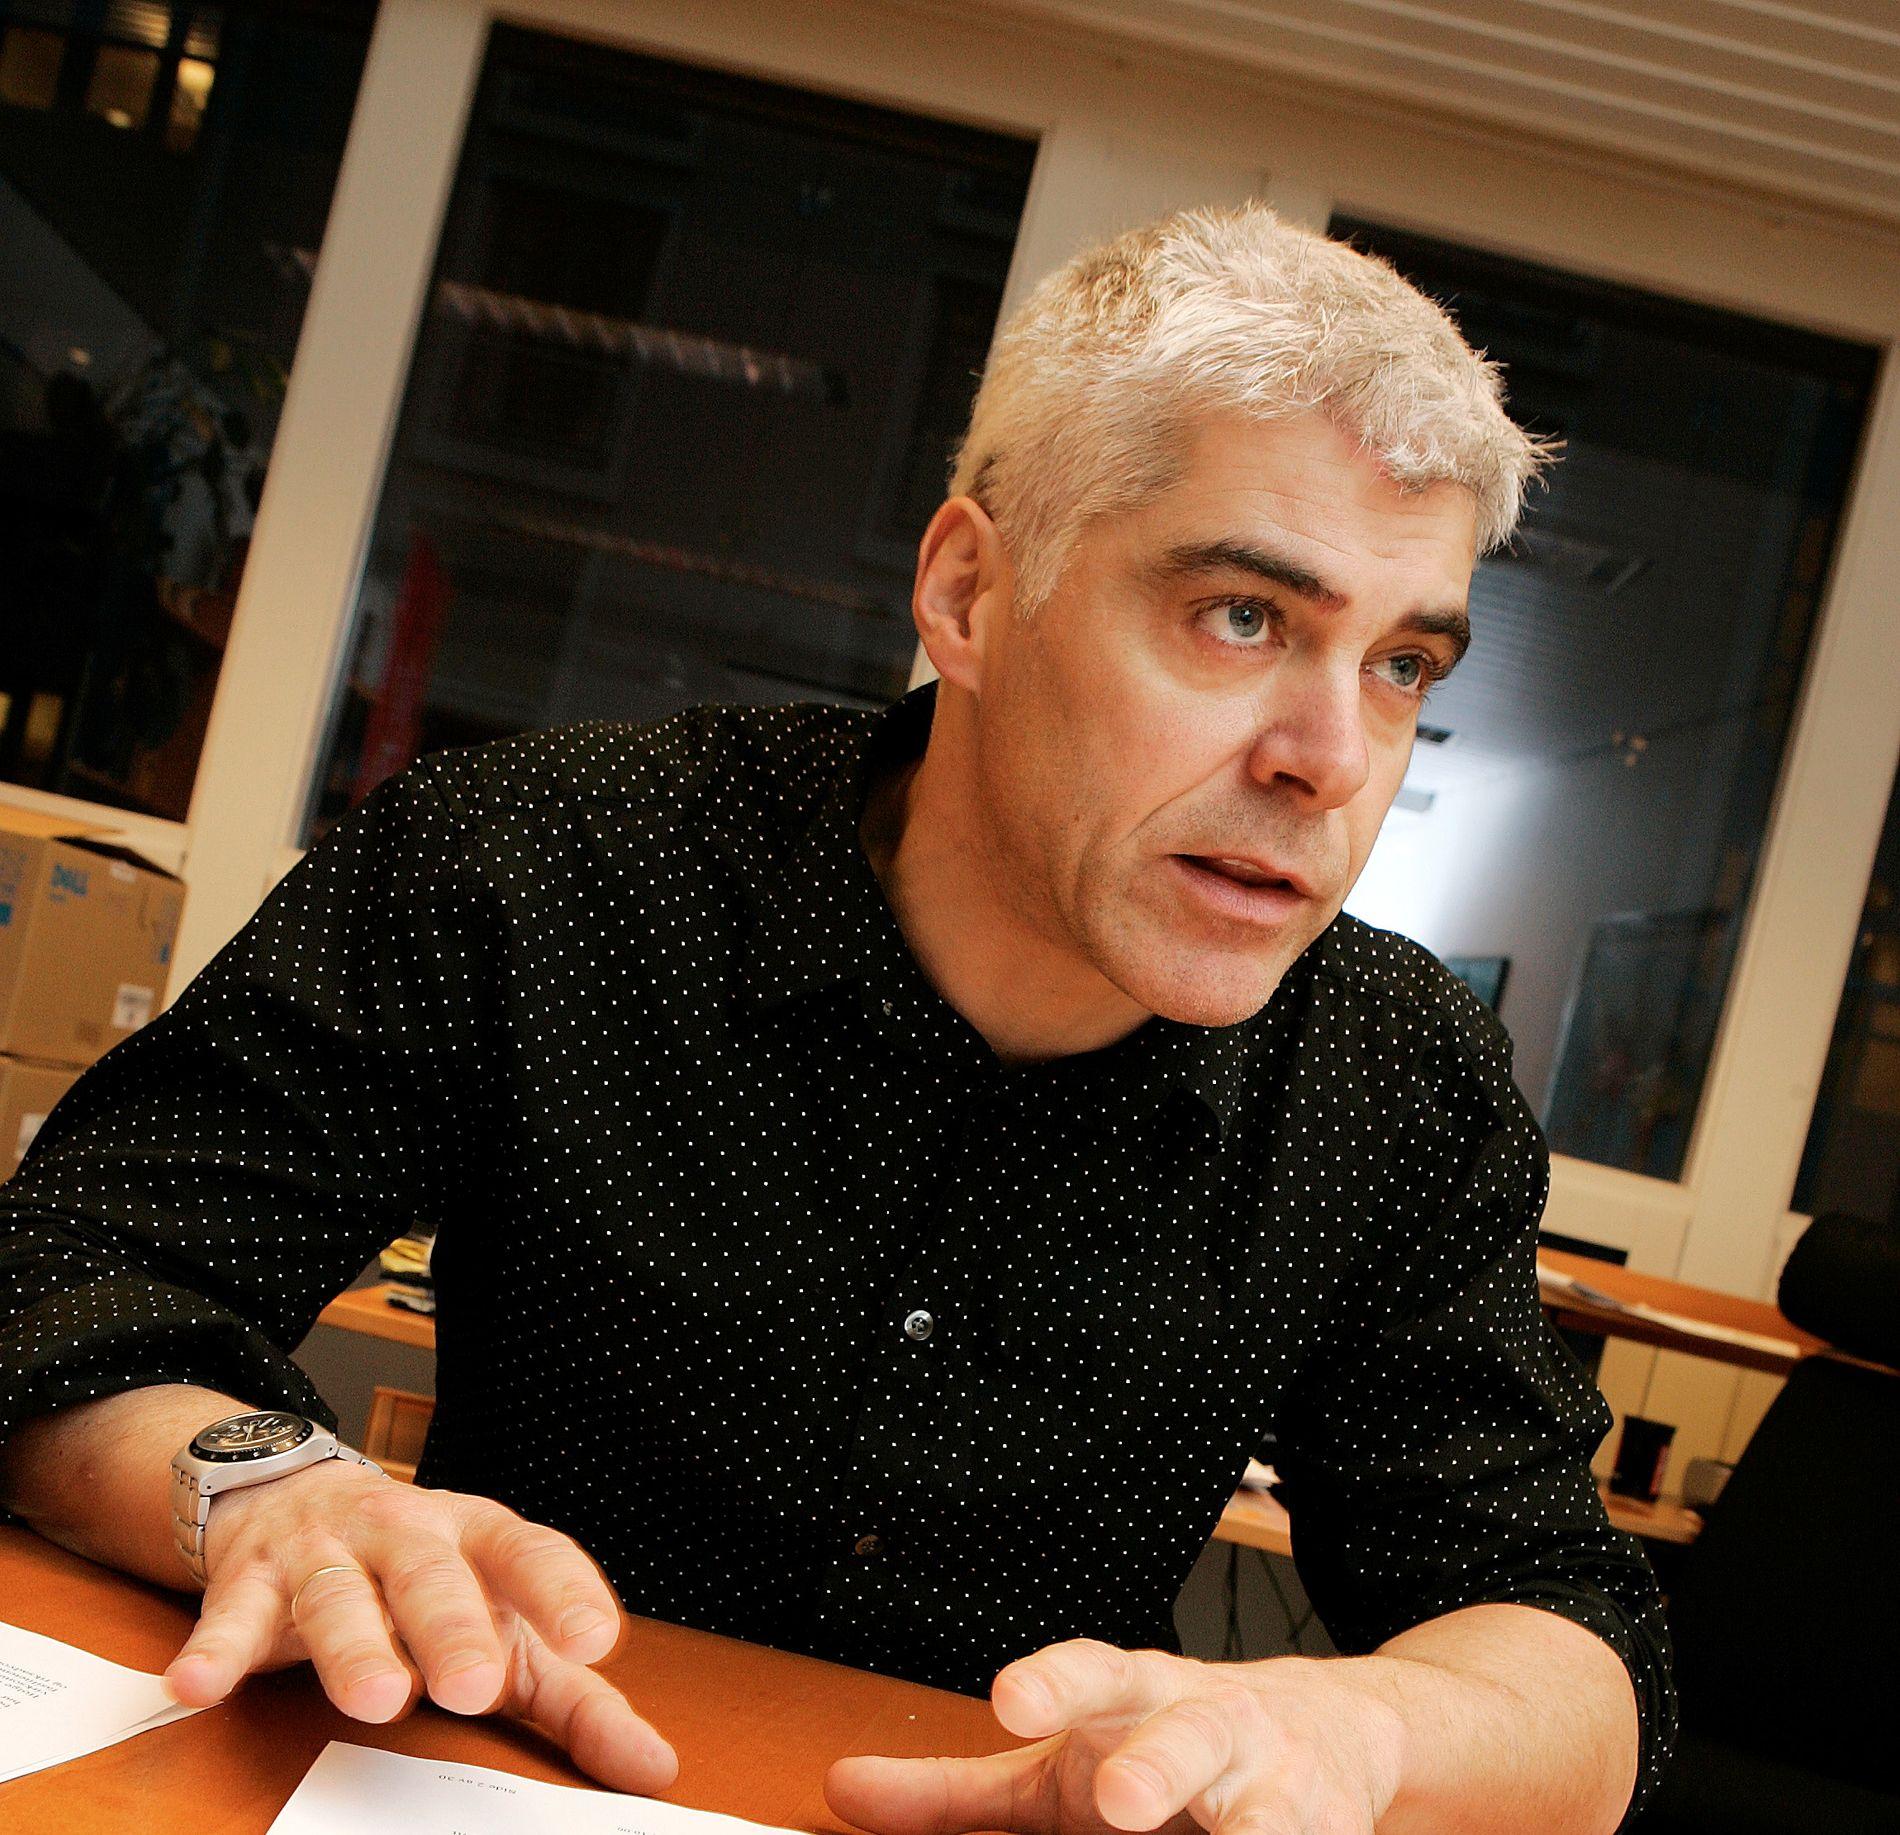 KRITISK: Stortingskandidat for SV, Petter Eide, er bekymret for det norske bidraget til krigen mot IS. Han mener de norske spesialsoldatene må hjem.